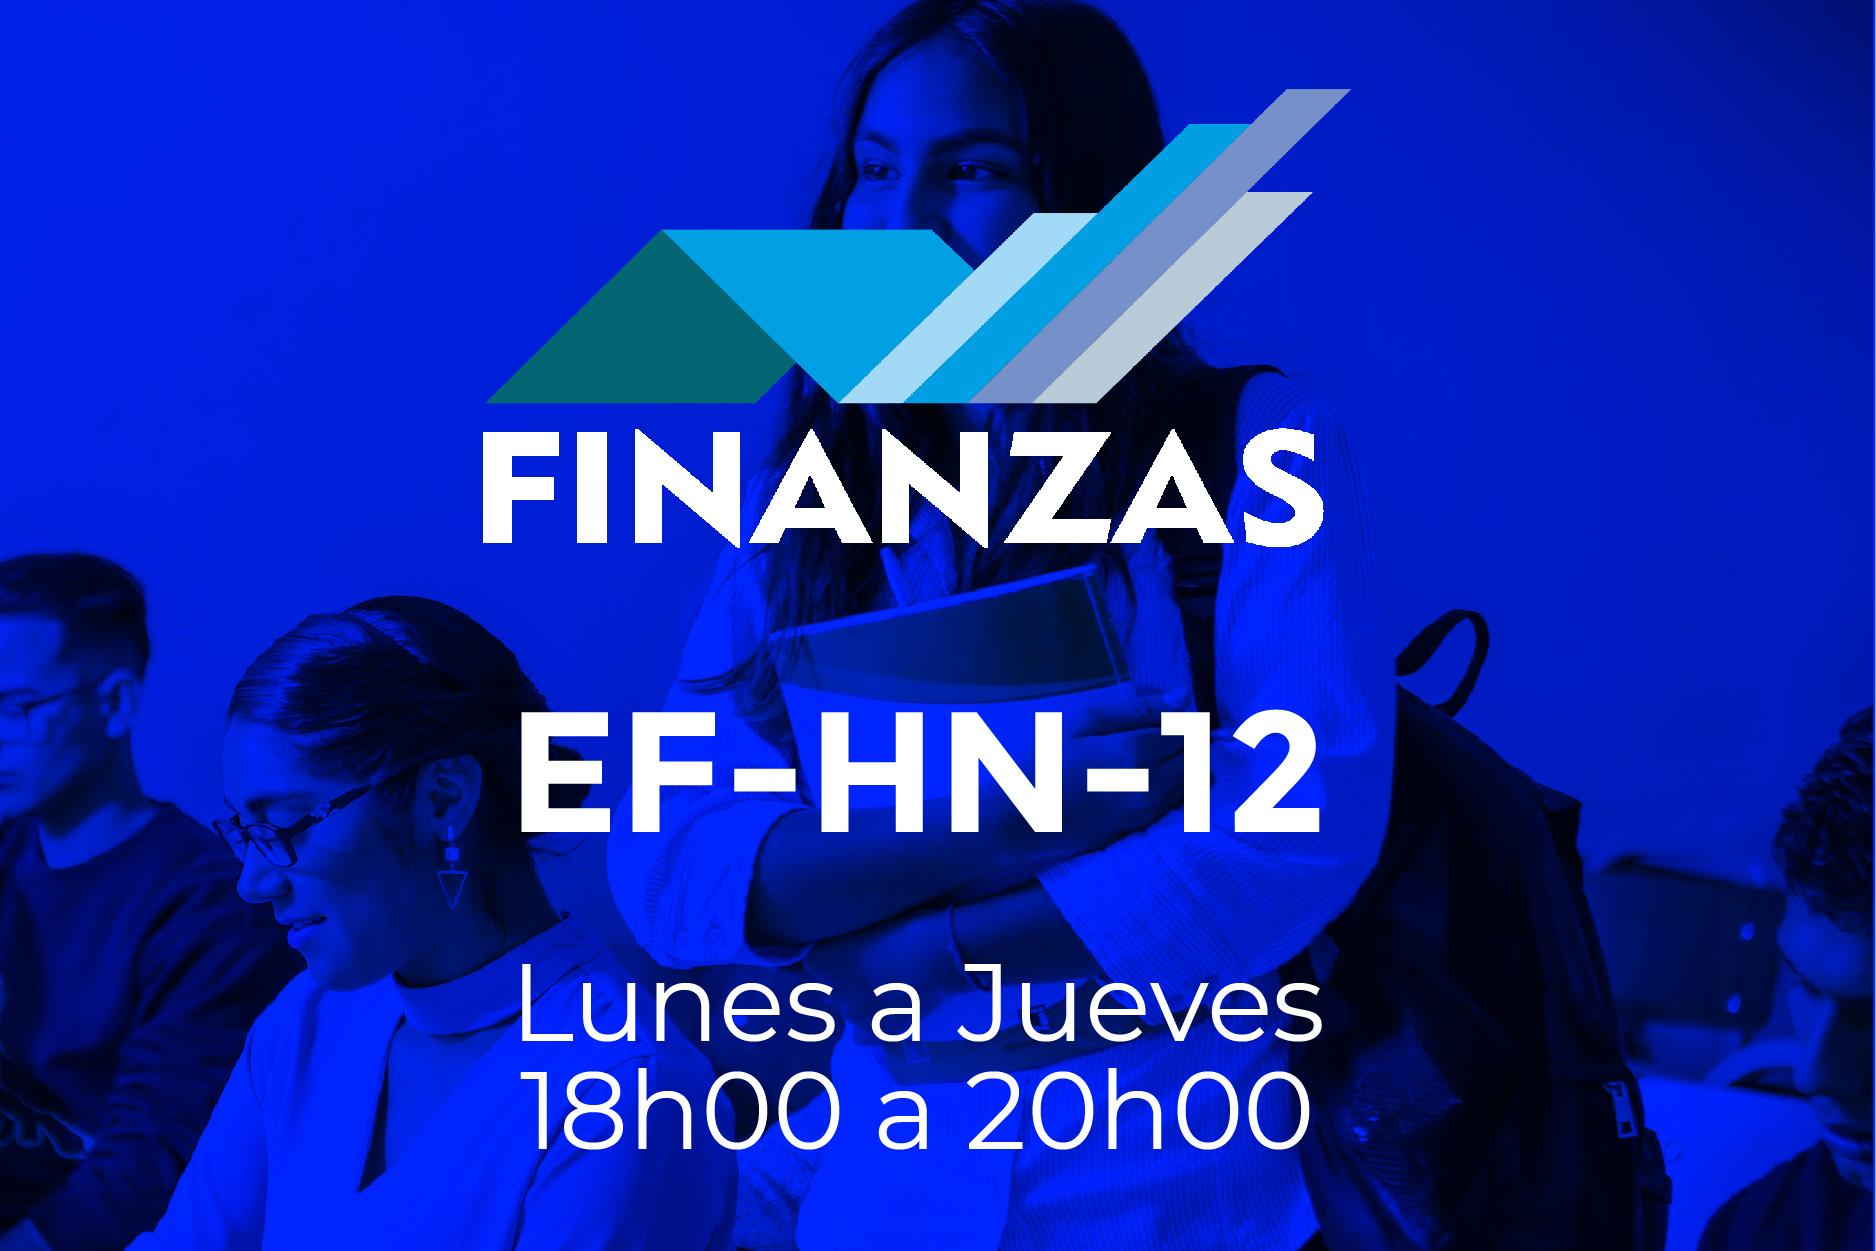 12 - FINANZAS - LUNES A JUEVES - 18:00 A 20:00